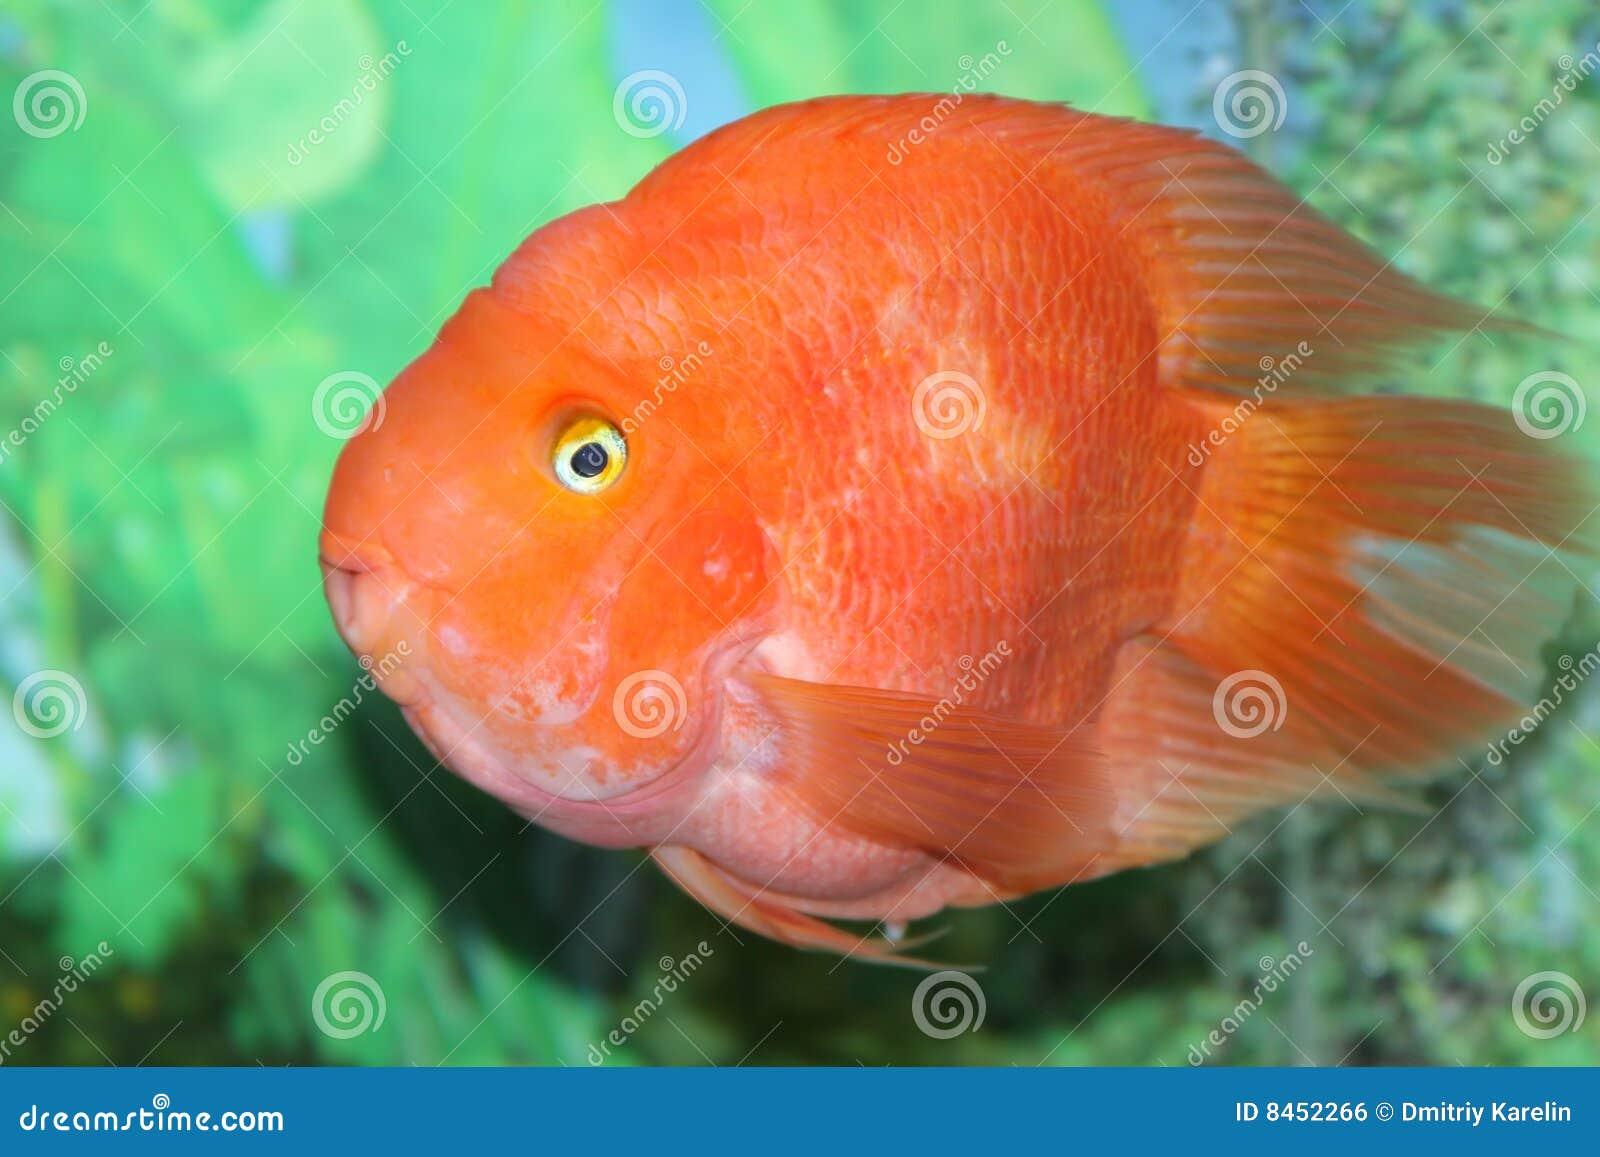 Een Kleurrijke Vis In Een Aquarium Royalty vrije Stock Afbeelding   Afbeelding  8452266